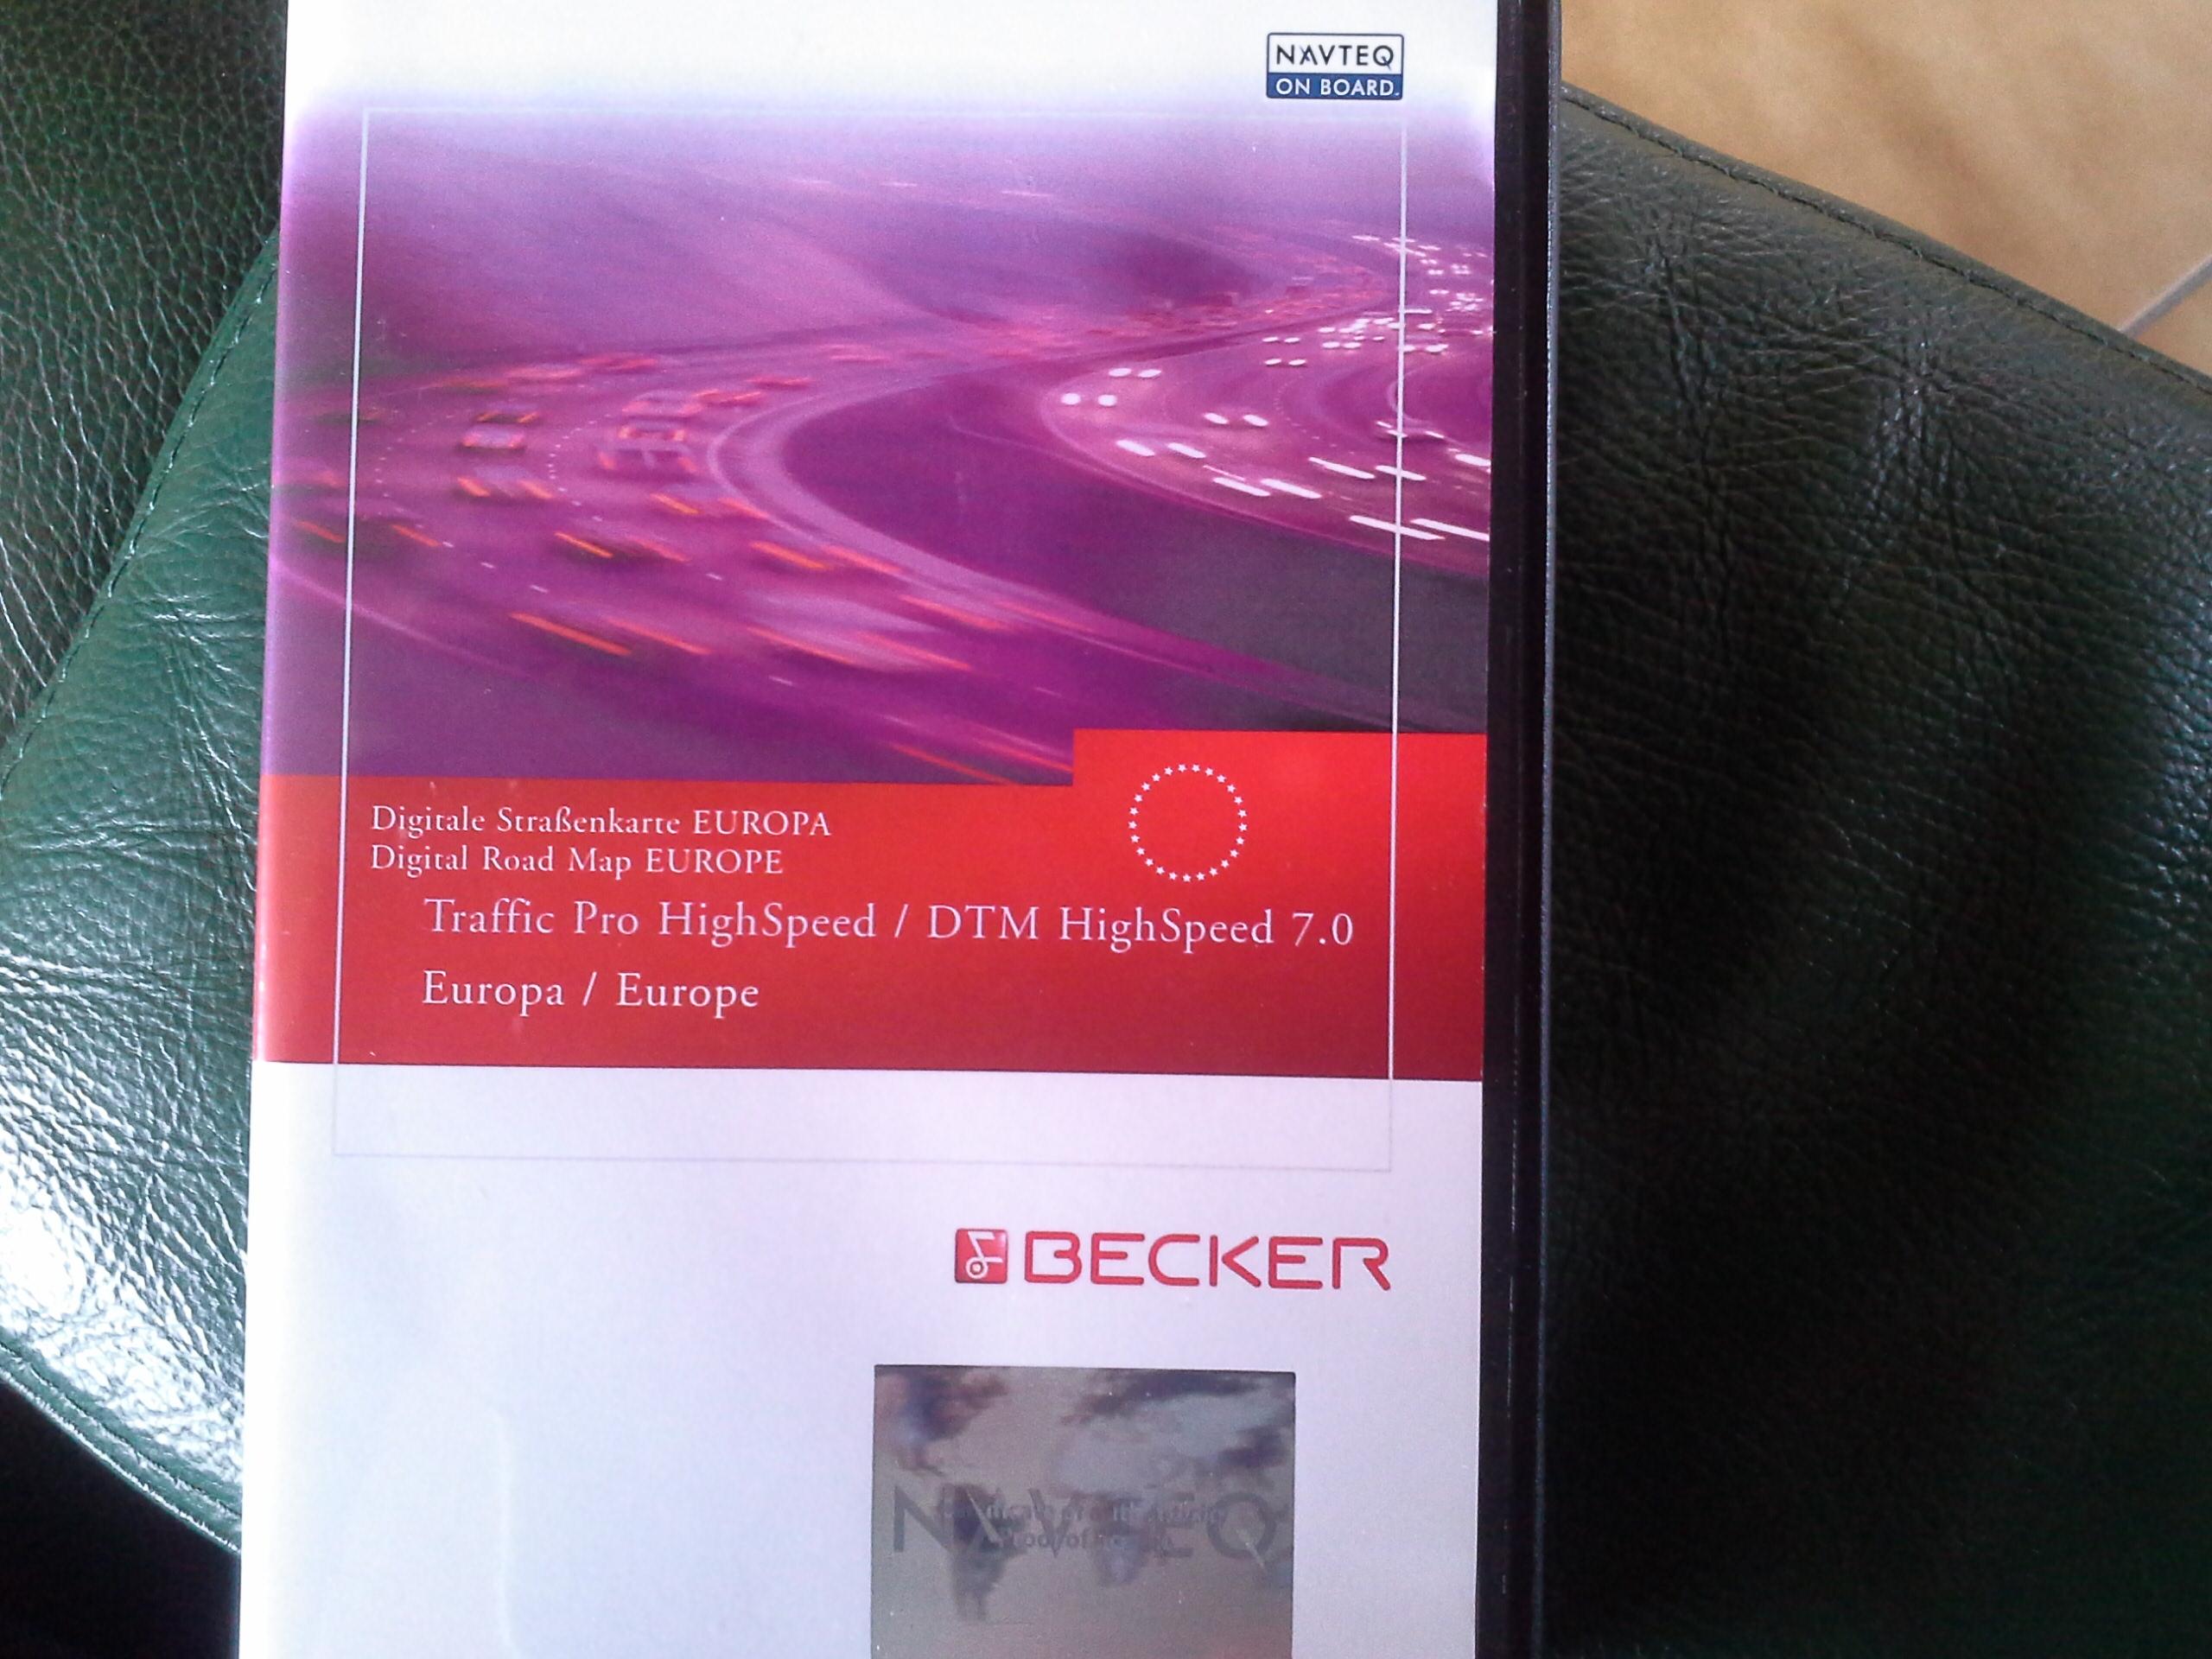 réparation et pièces autoradio BECKER - Page 5 91049420160119135738